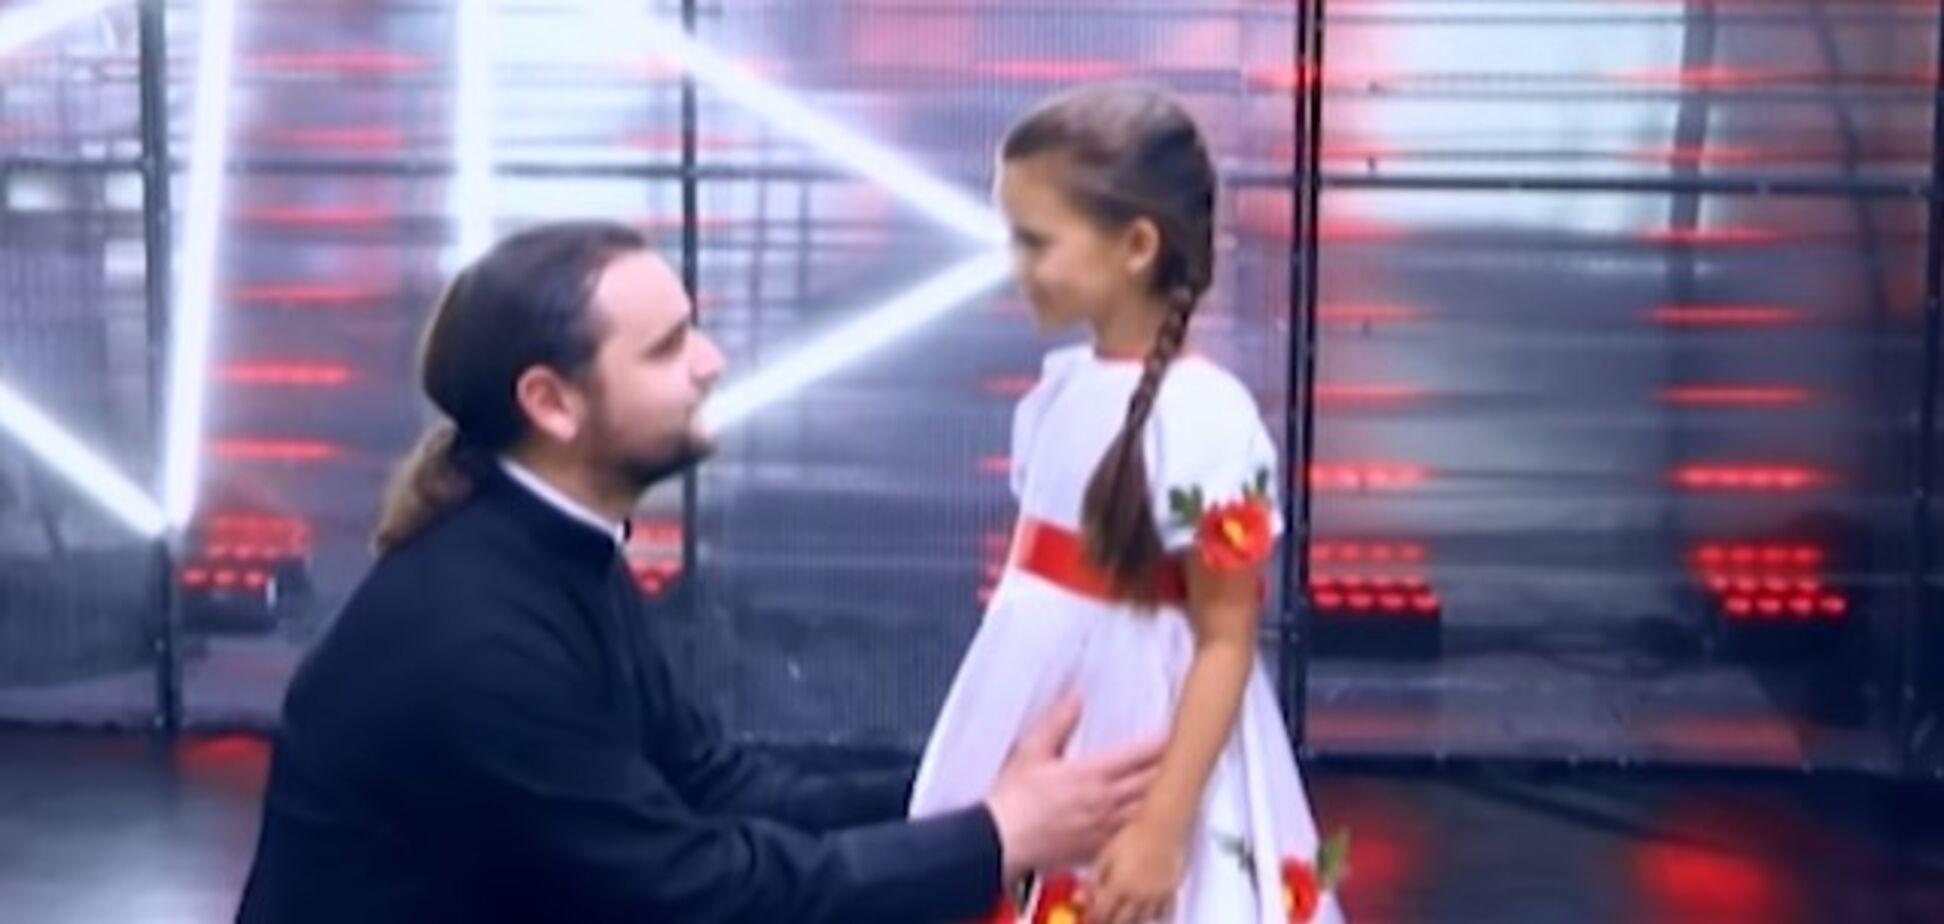 'Много фальши': выступление дочери священника на 'Голос.Діти' вызвало споры в сети